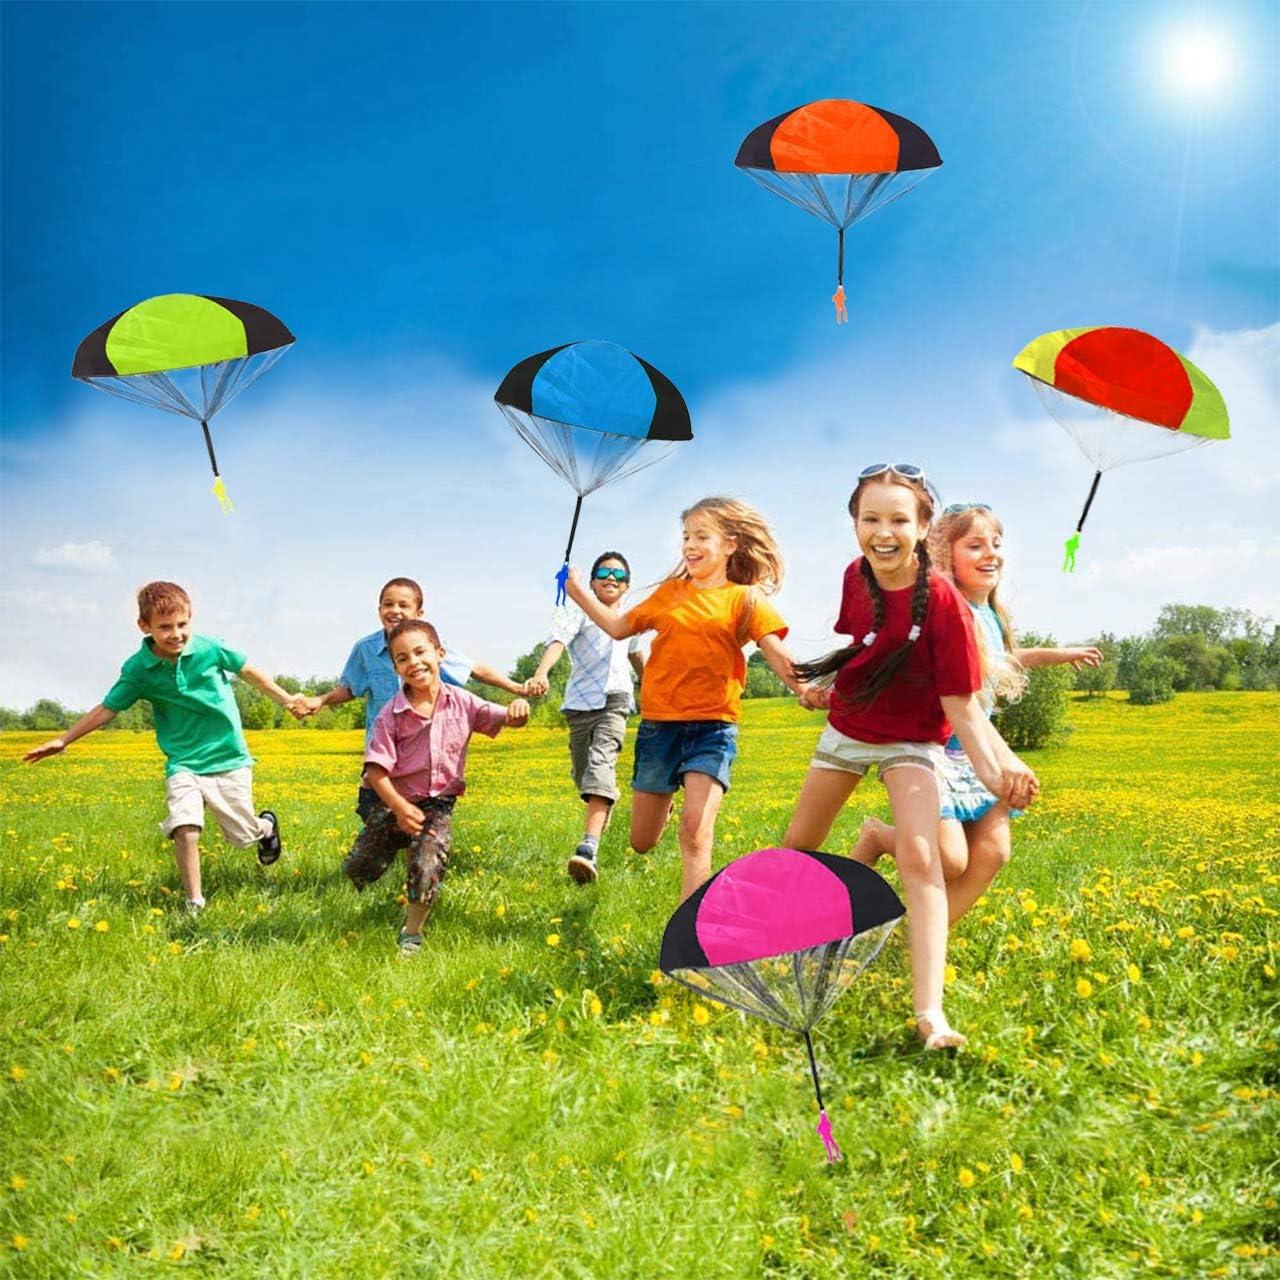 Outdoor Spielzeug Spiele Gro/ße Geschenke f/ür Kinder aovowog Fallschirm Spielzeug Kinder,10 St/ück Garten Spielzeug Fallschirmspringer Hand werfen f/ür Kinder